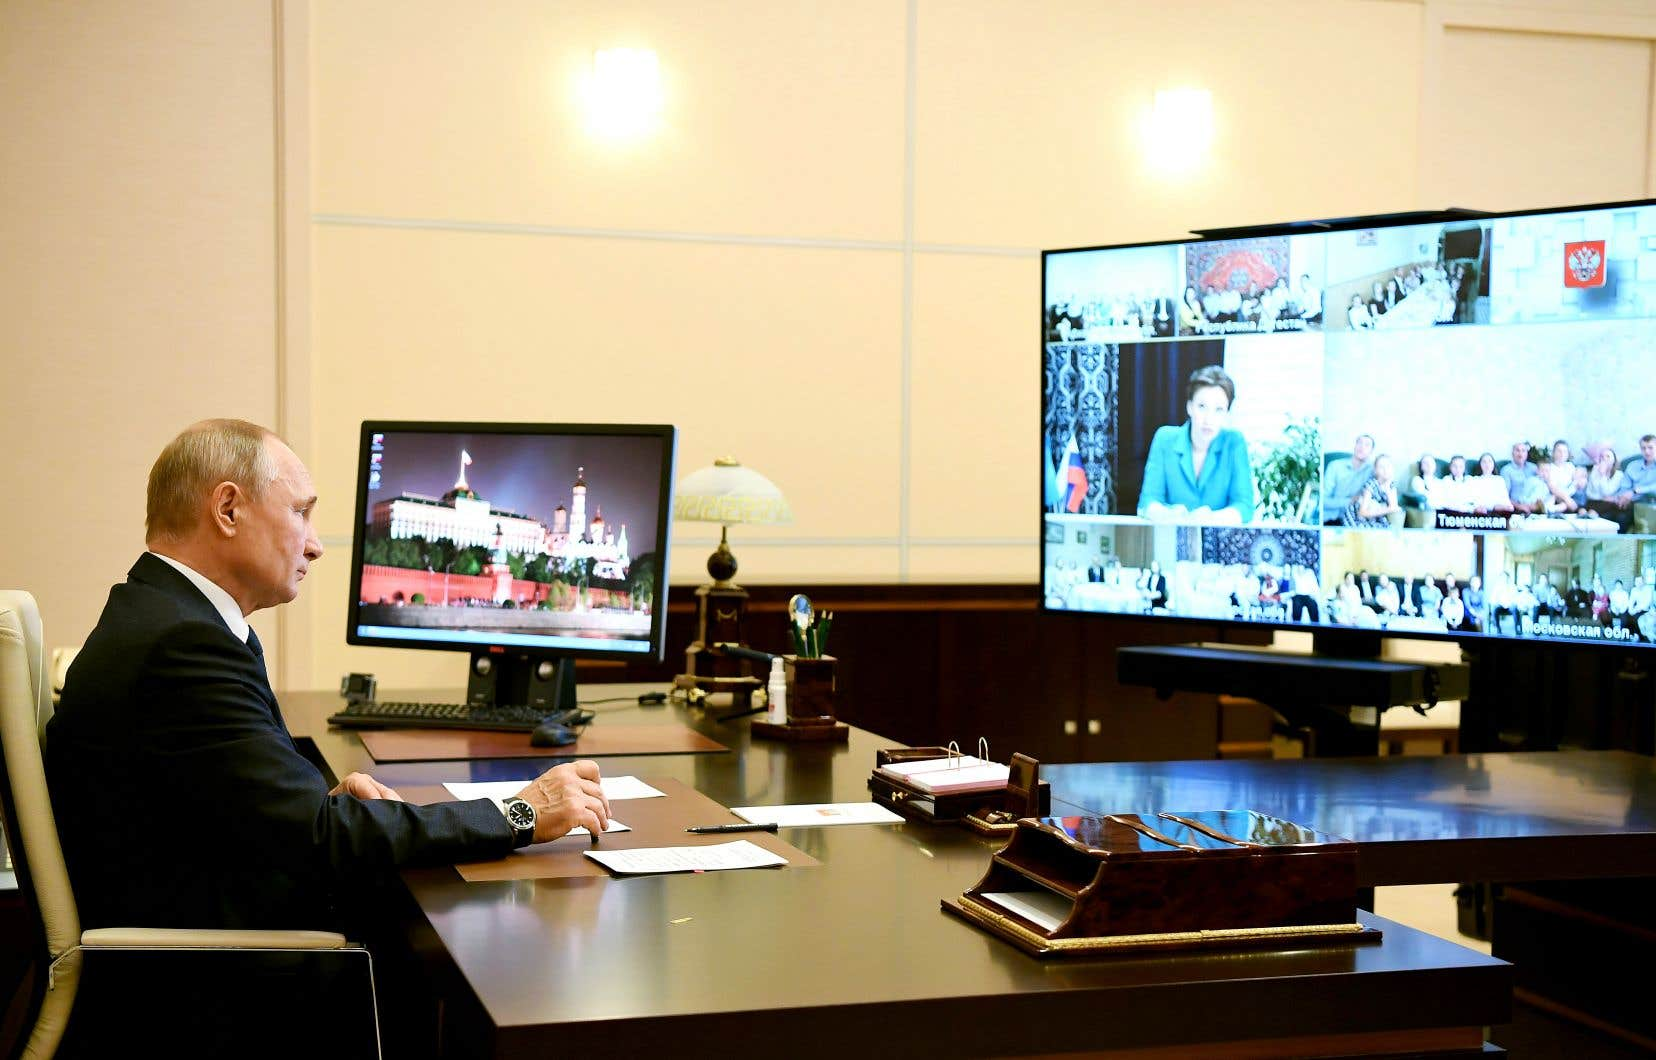 Le président russe, Vladimir Poutine, en téléconférence à la résidence d'État de Novo-Ogaryovo